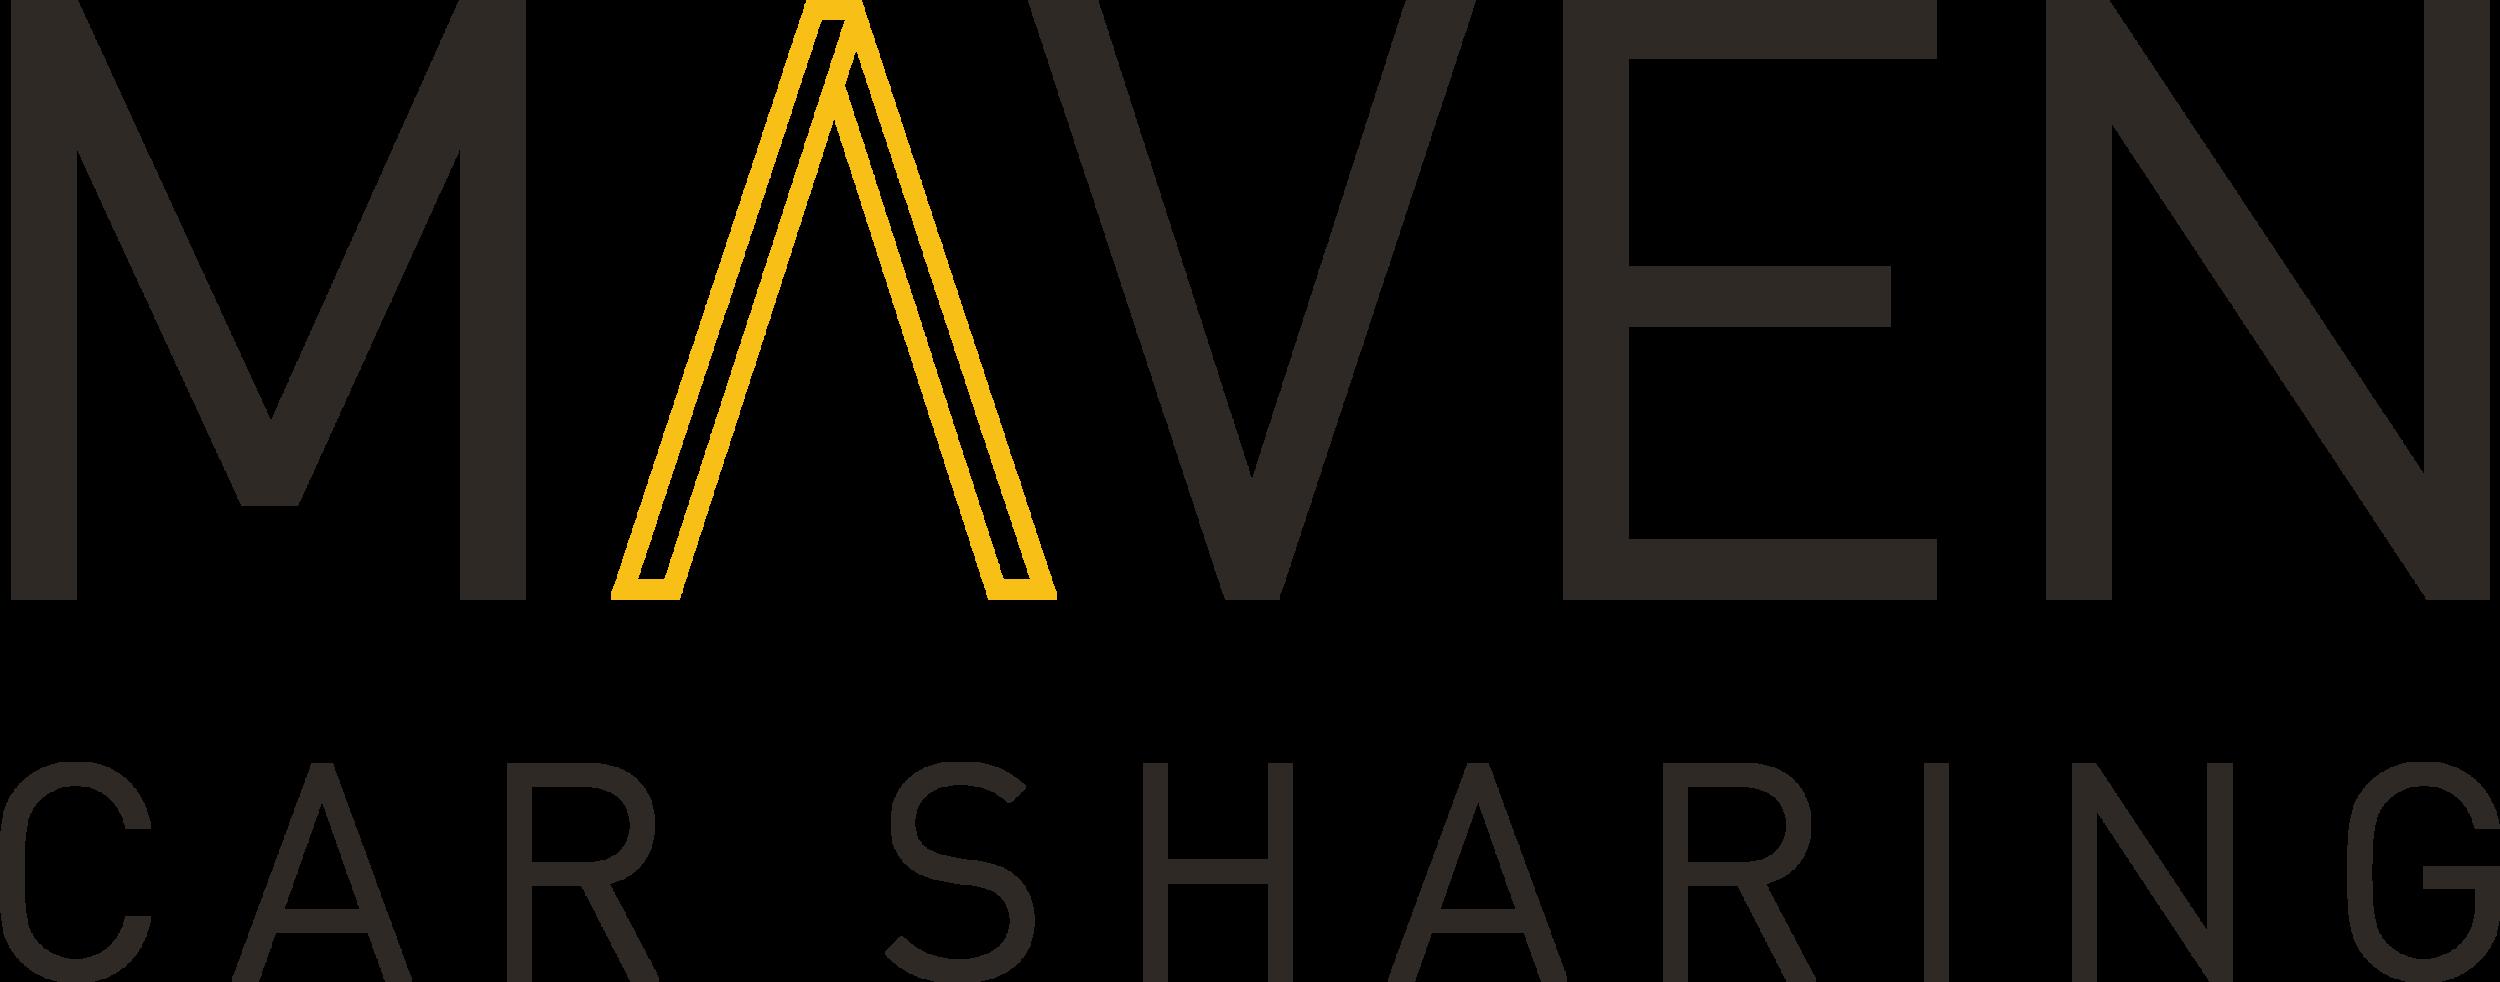 Maven_Carsharing_Blk_Logo_1.png